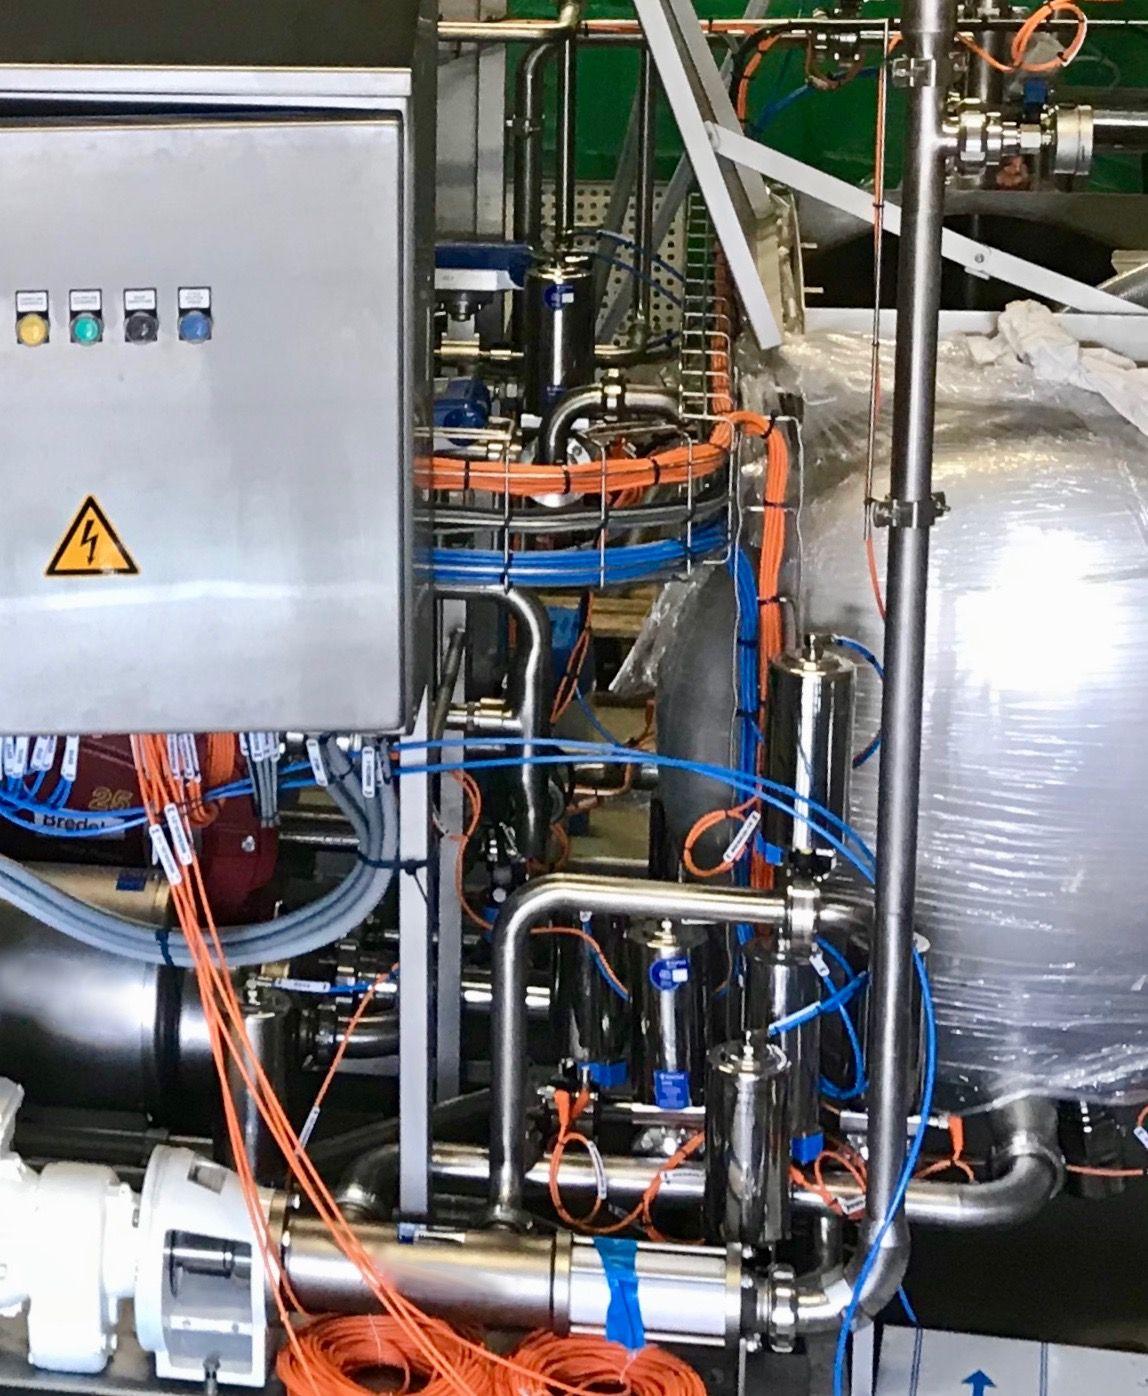 Réalisation d'un SKID par BTCI spécialiste de la tuyauterie, métallurgie et chaudronnerie inox